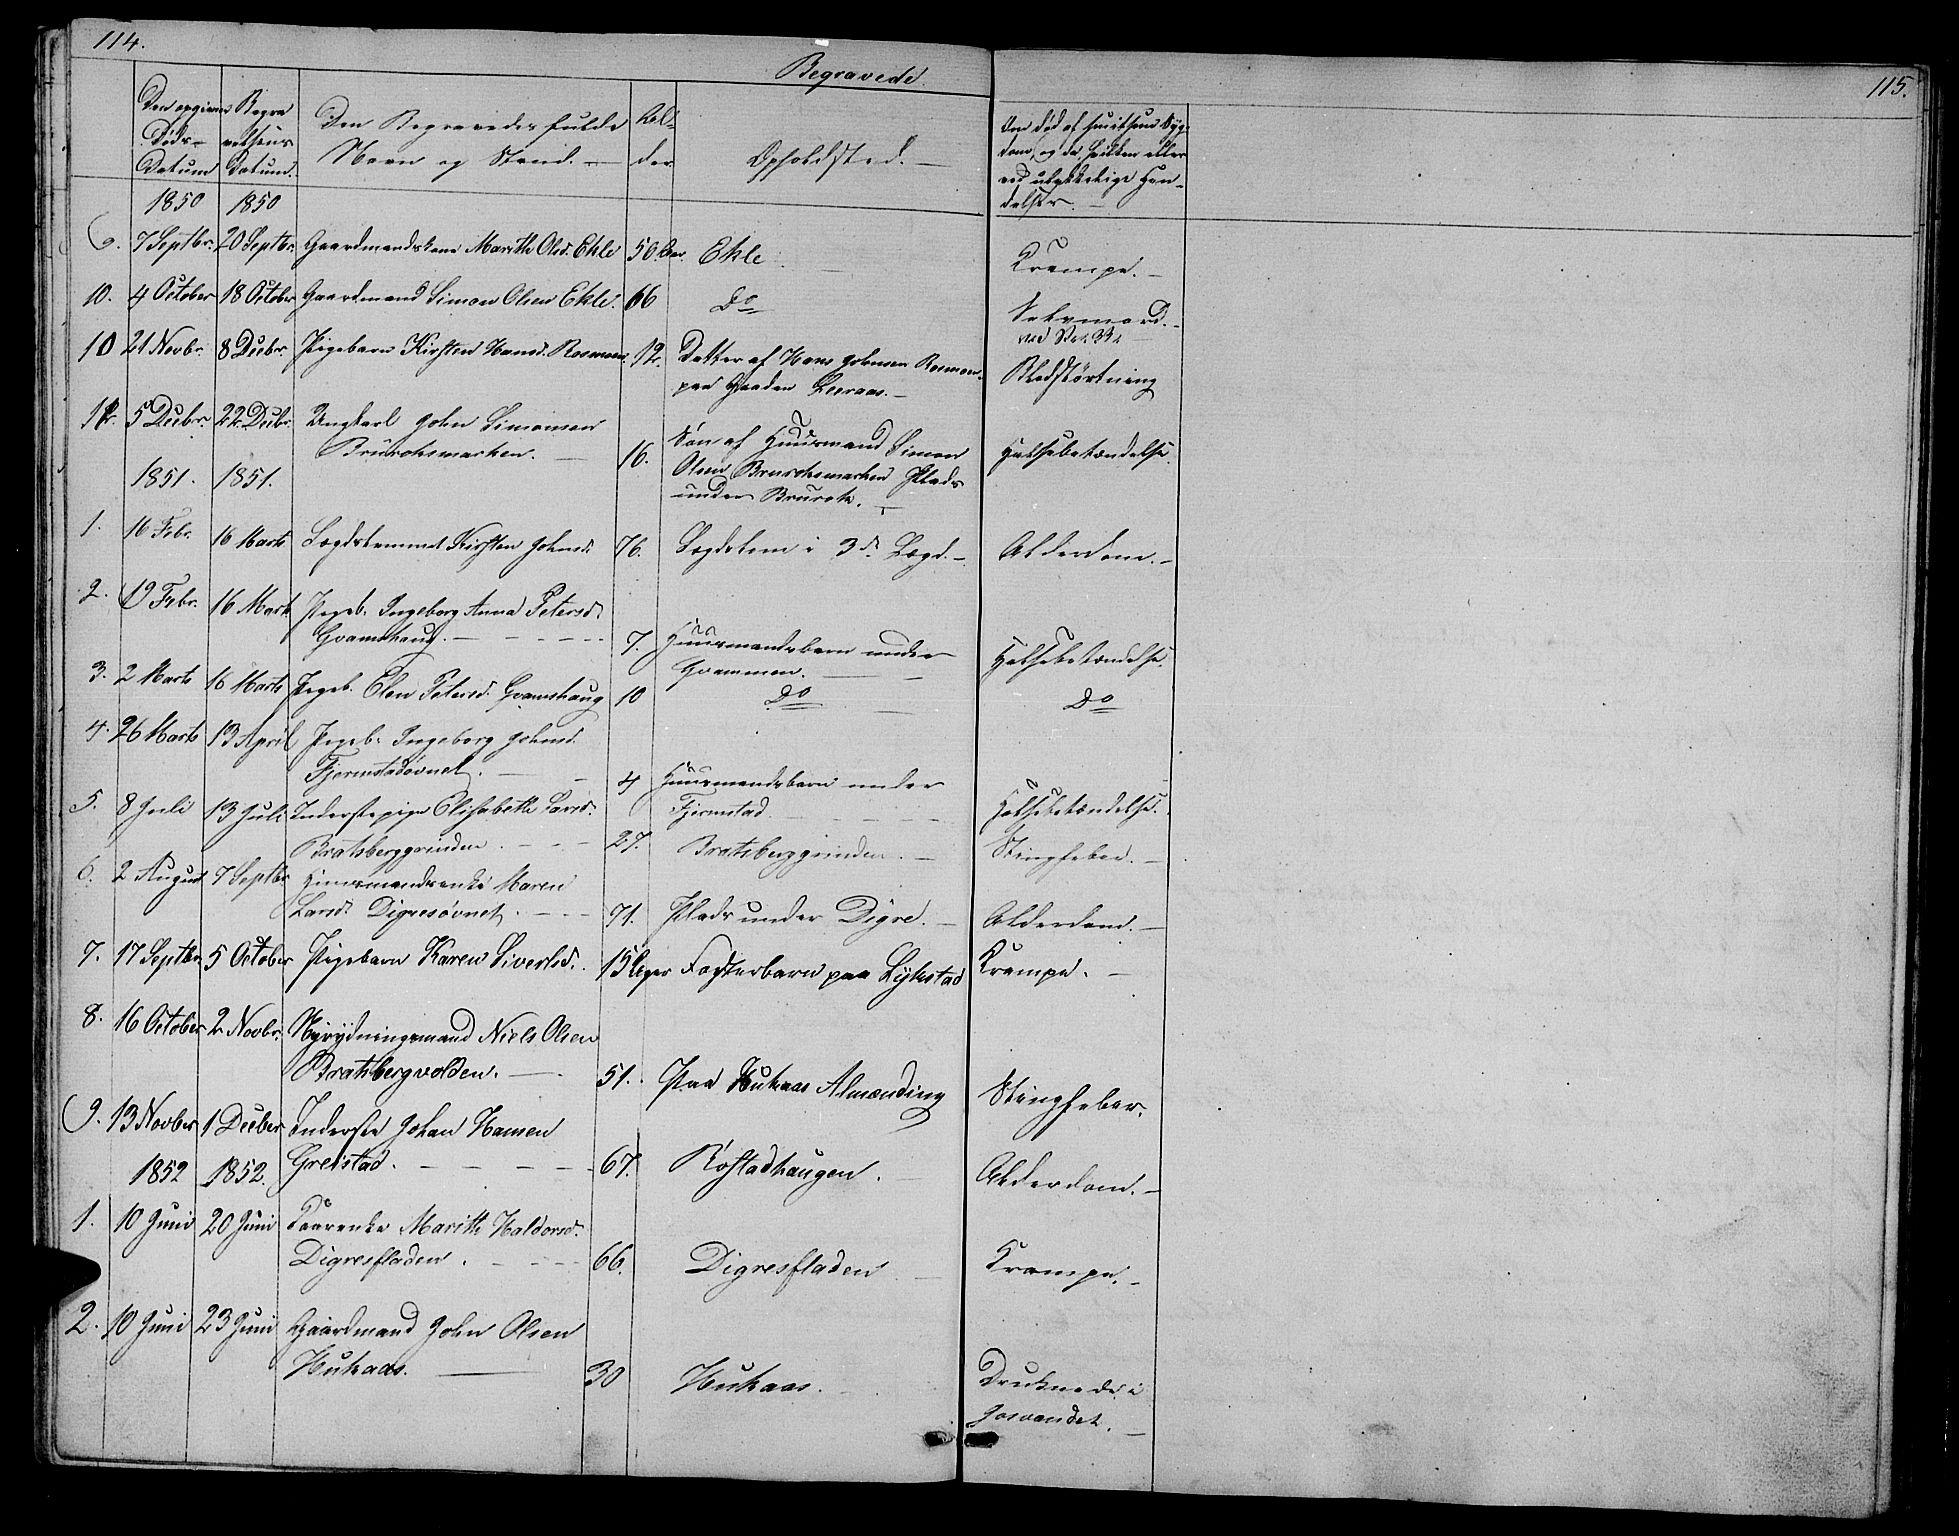 SAT, Ministerialprotokoller, klokkerbøker og fødselsregistre - Sør-Trøndelag, 608/L0339: Klokkerbok nr. 608C05, 1844-1863, s. 114-115